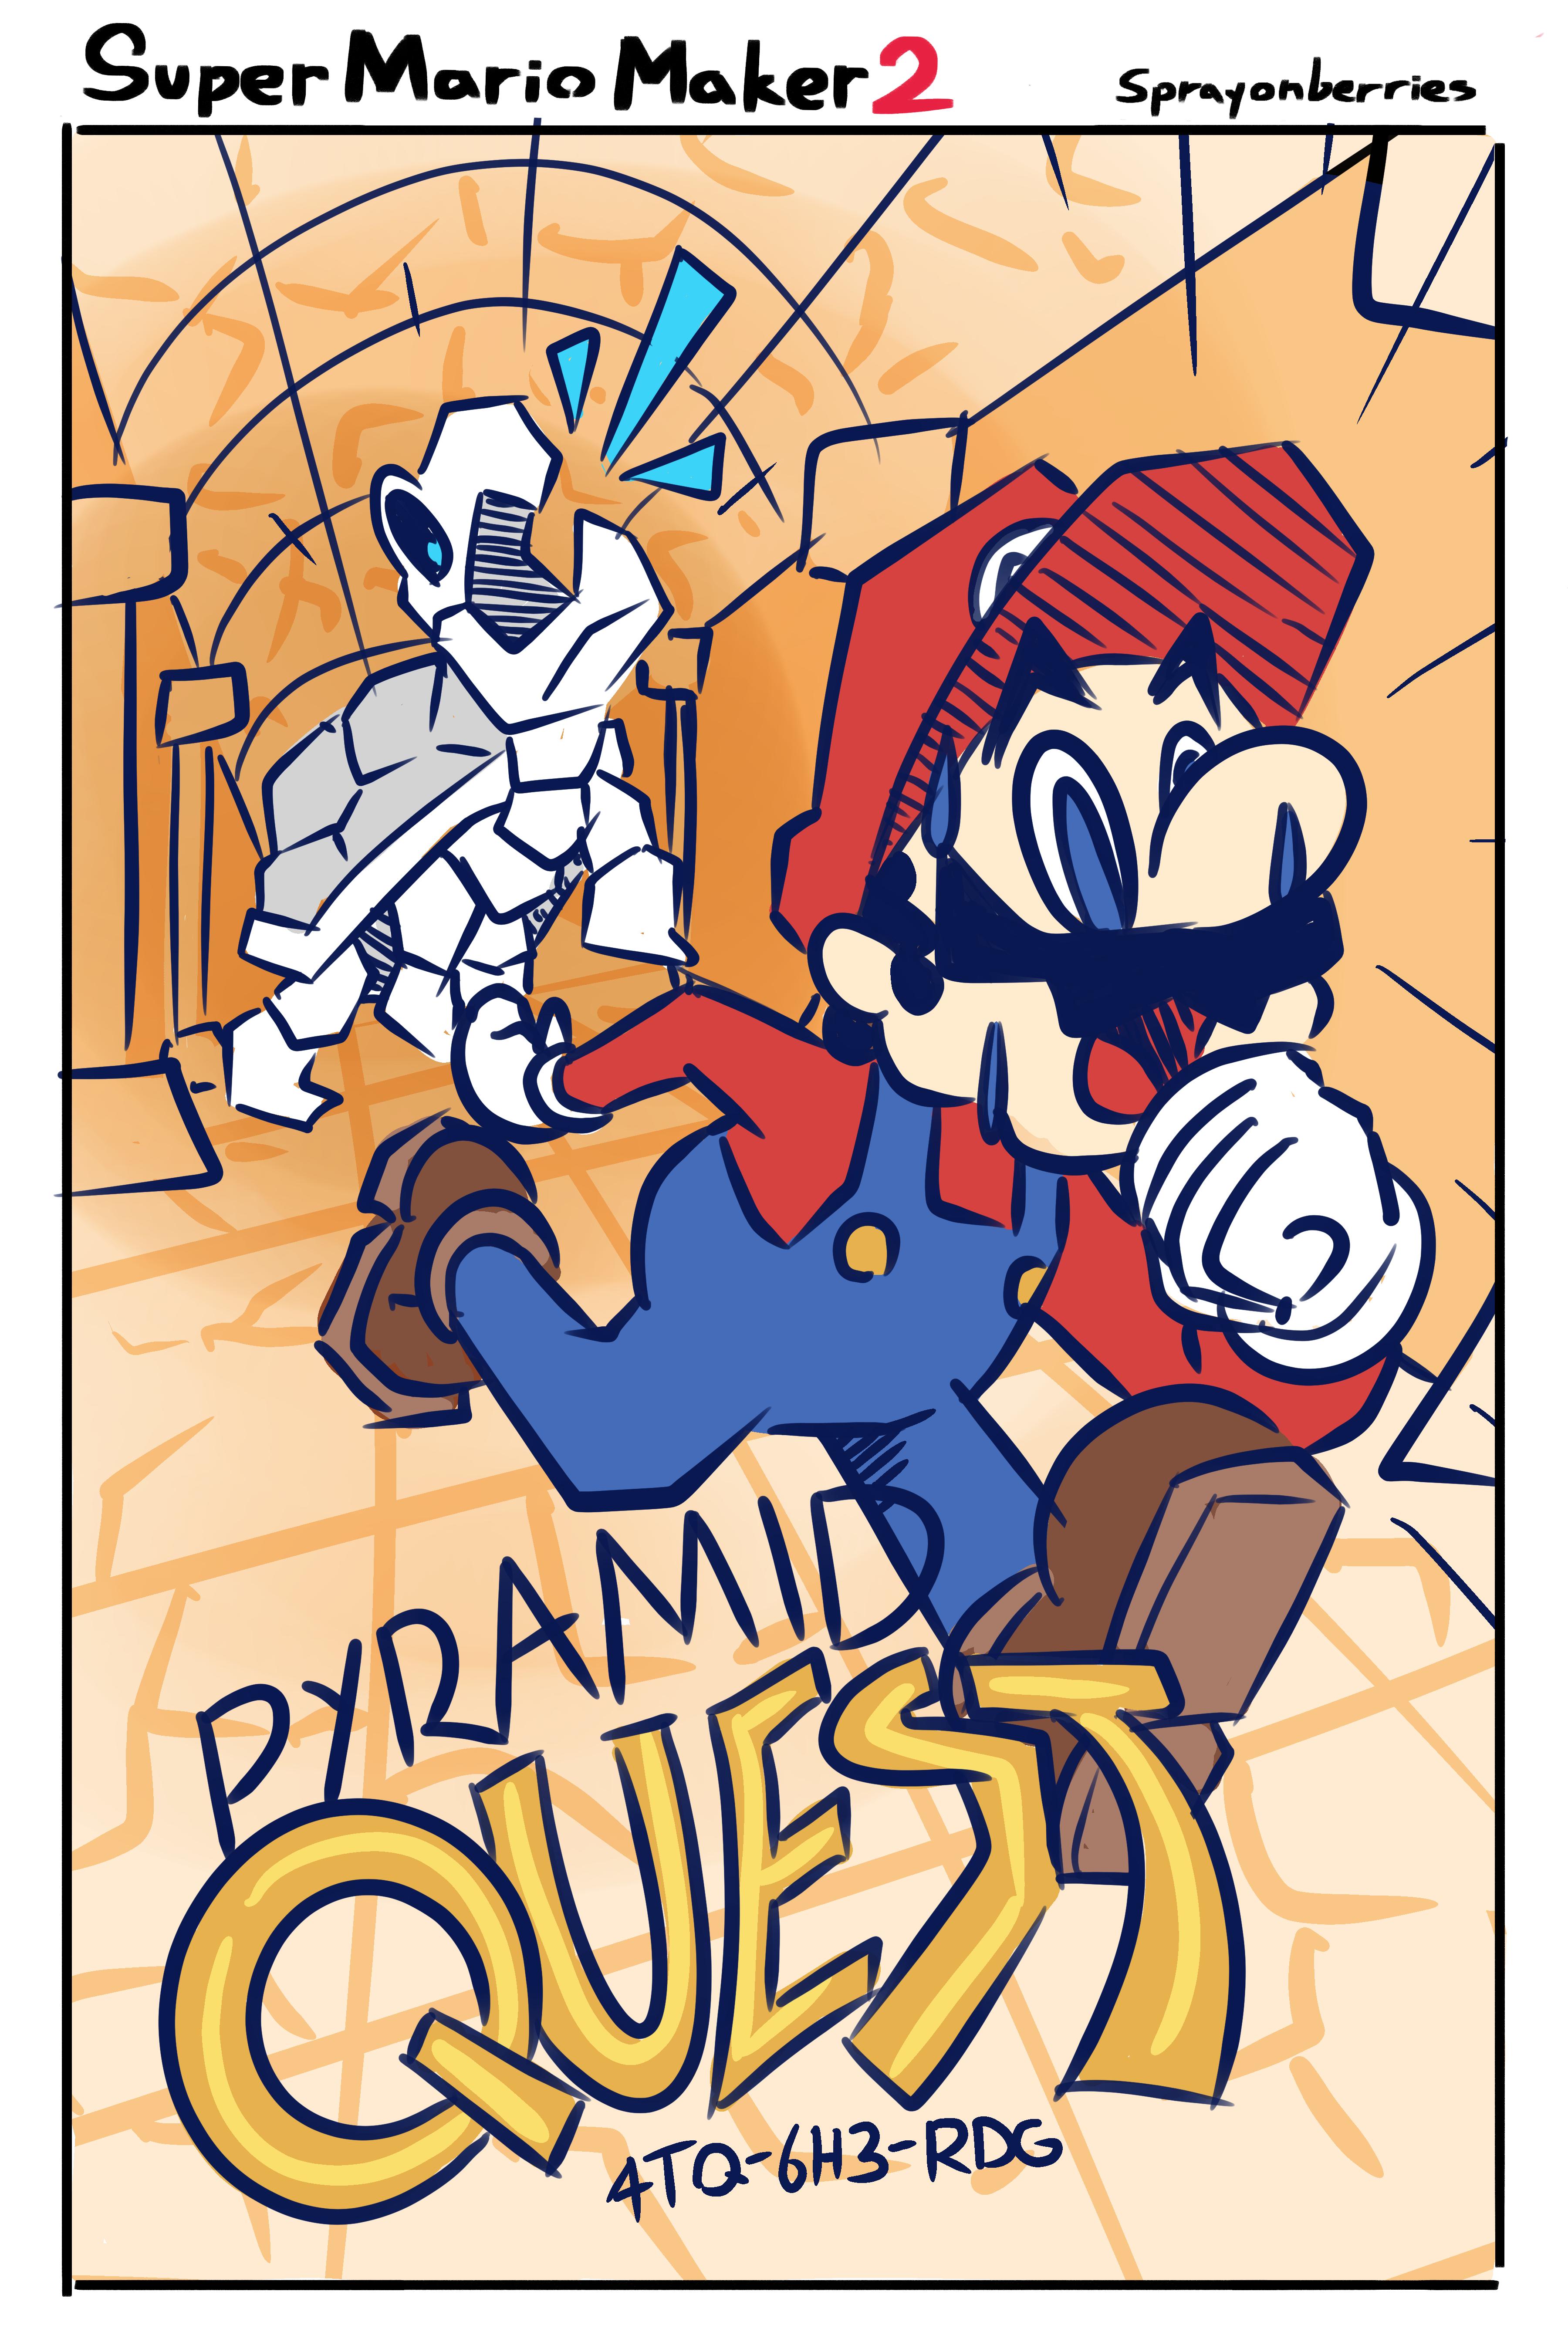 Pyramid Quest: A Mario Maker Level